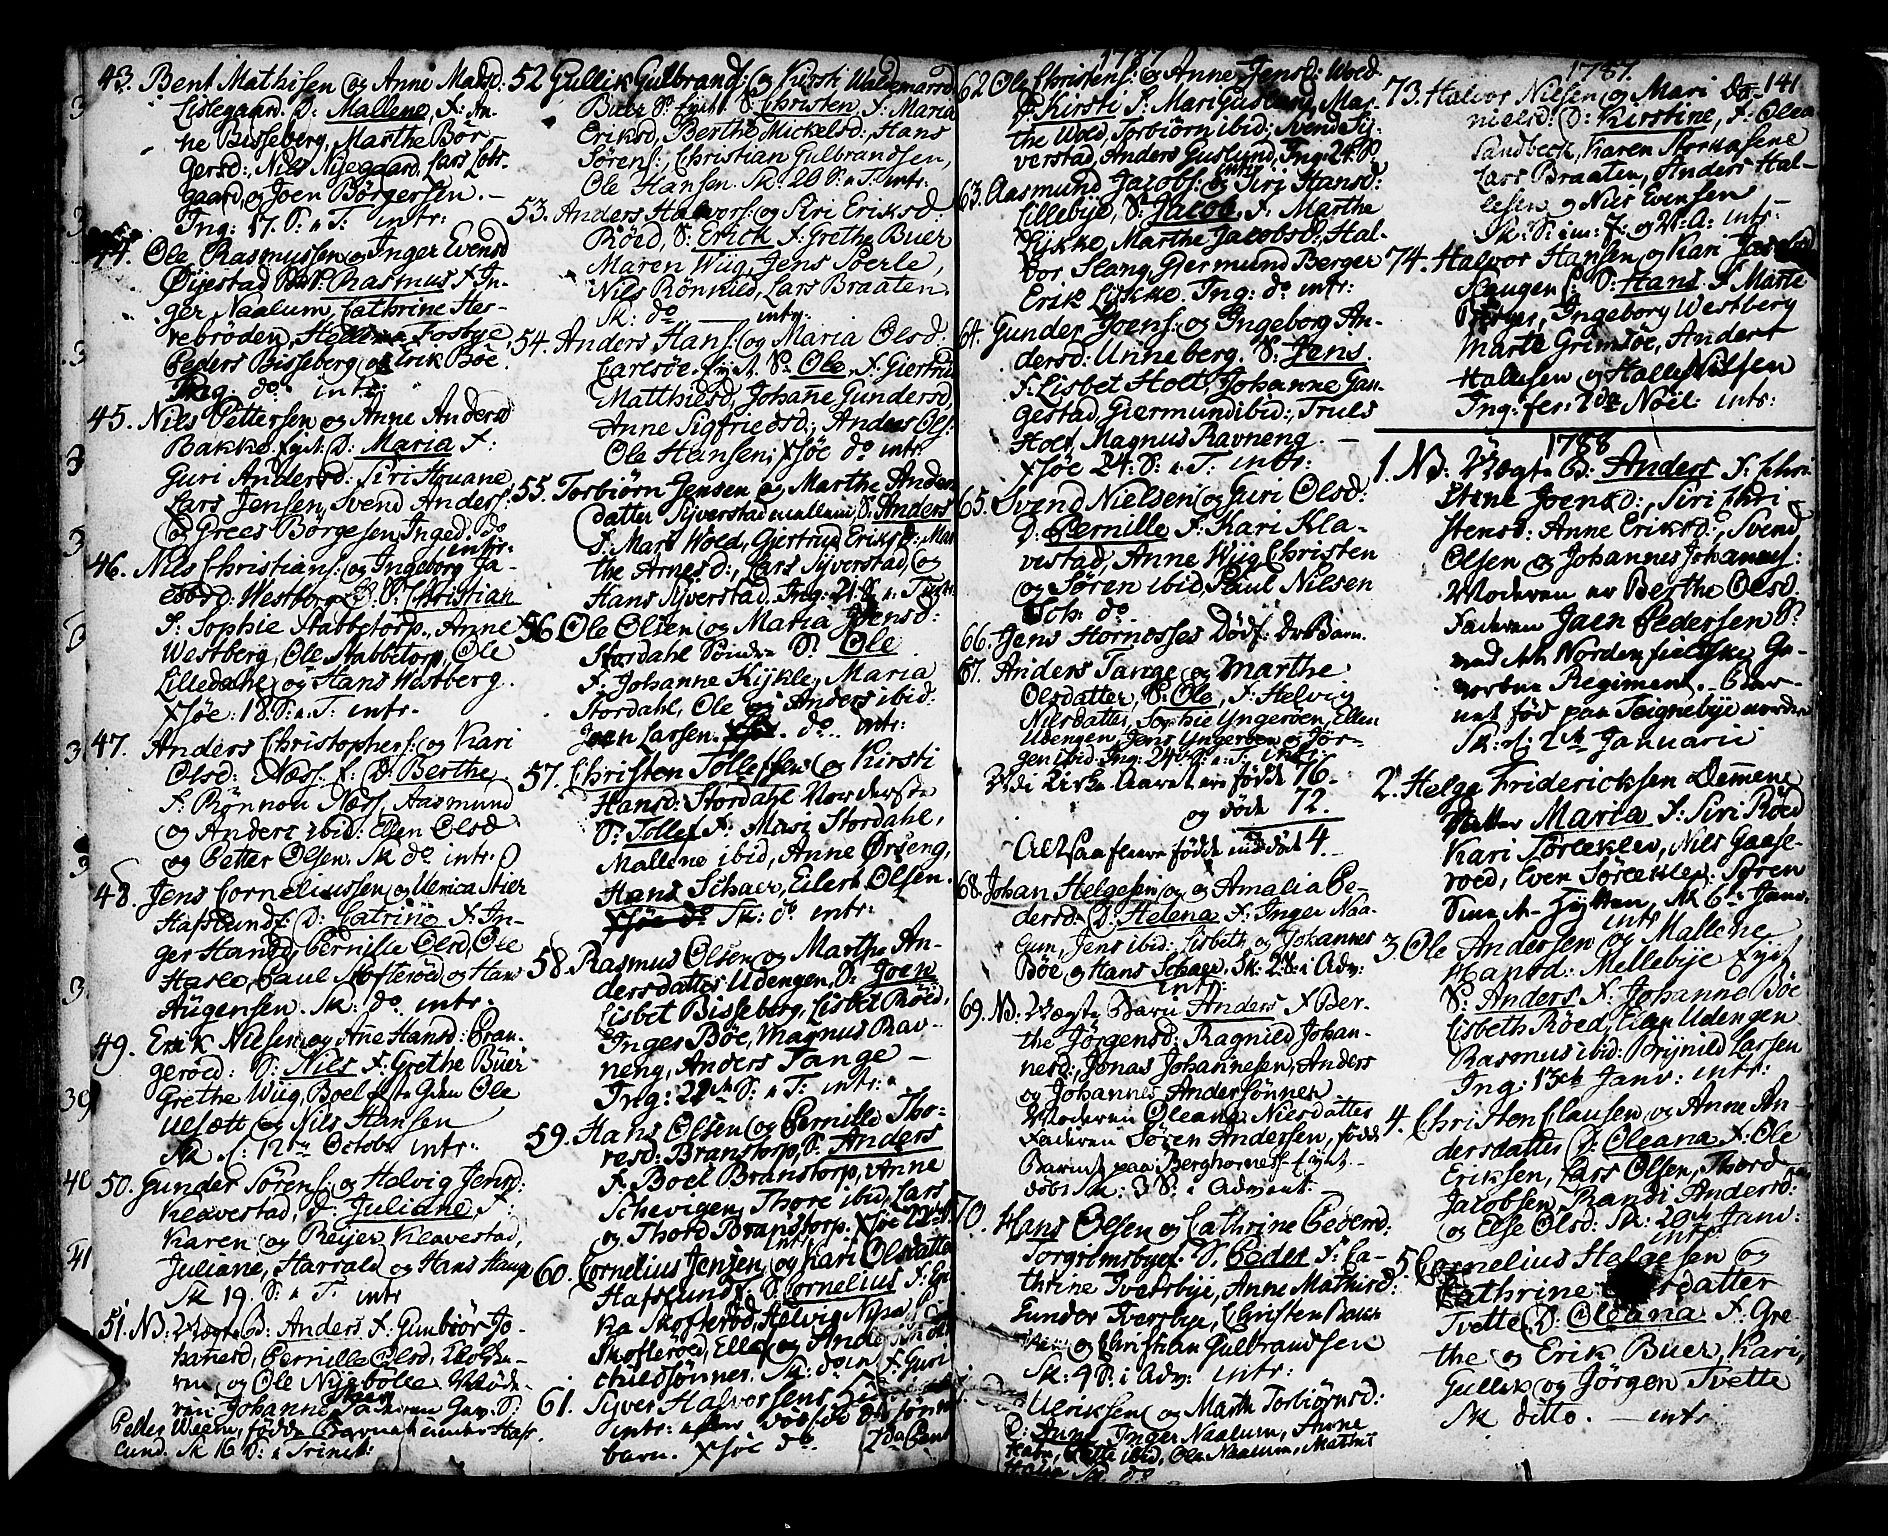 SAO, Skjeberg prestekontor Kirkebøker, F/Fa/L0002: Ministerialbok nr. I 2, 1726-1791, s. 141